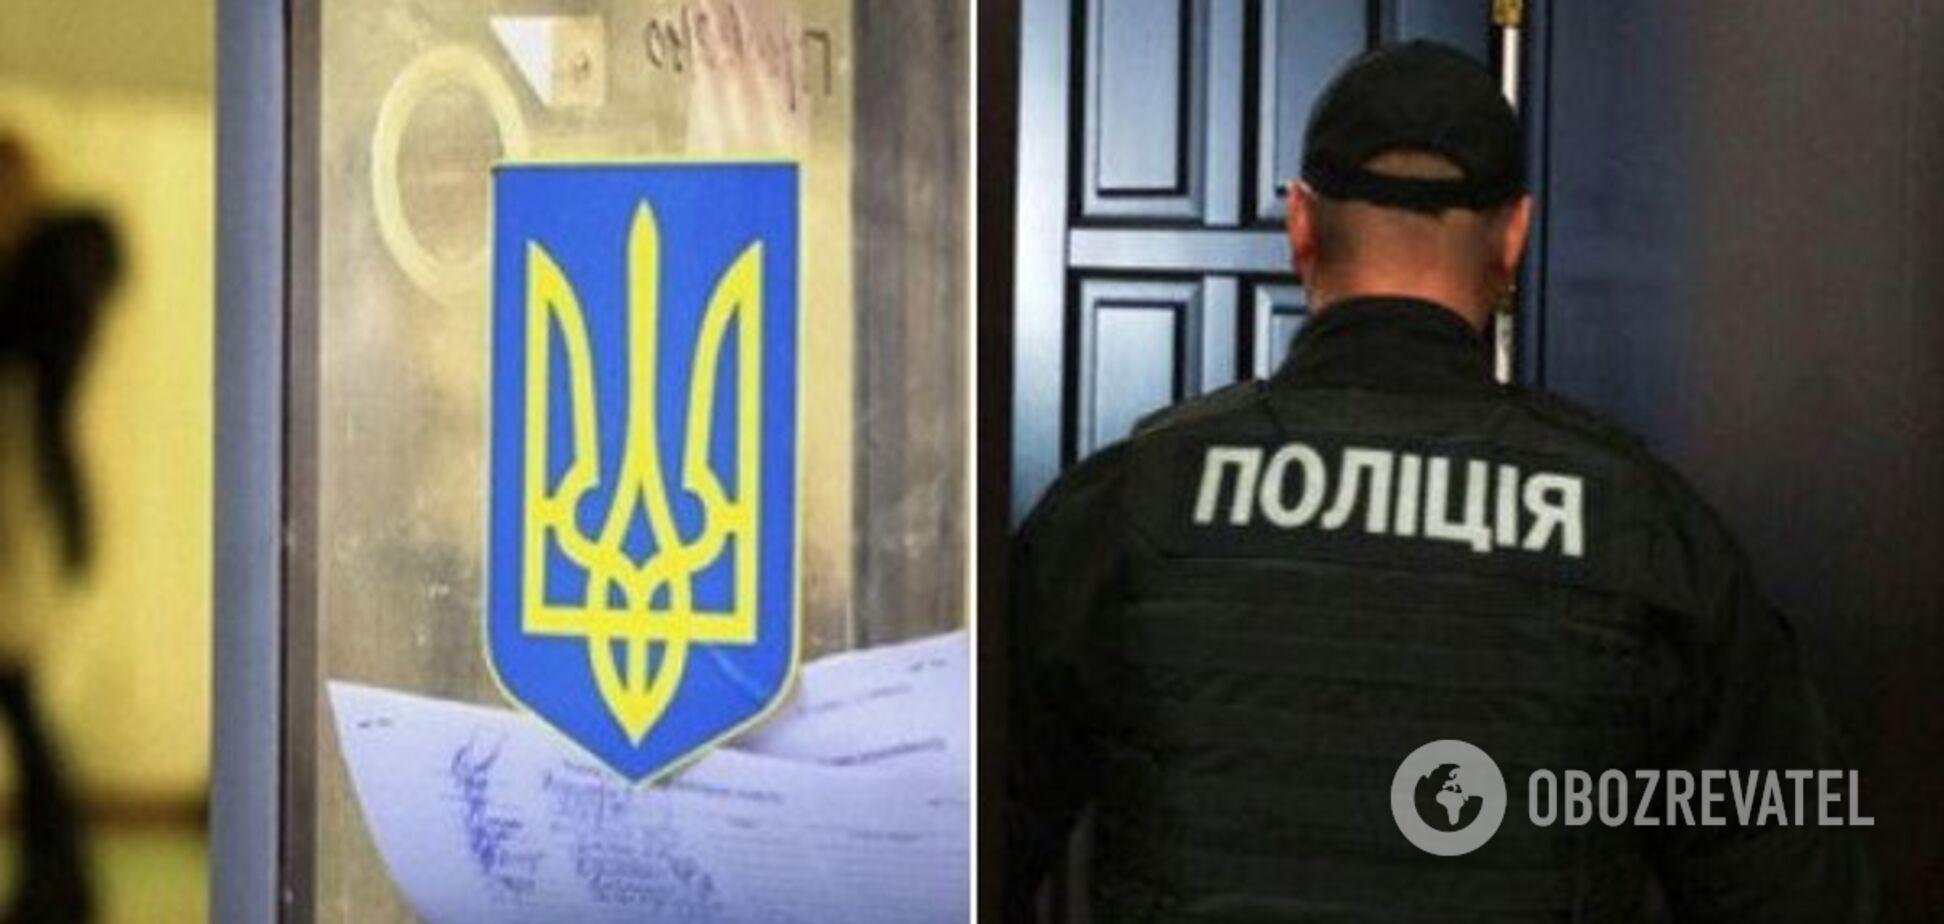 Полиция проводит обыск в окружной комиссии в Кривом Роге